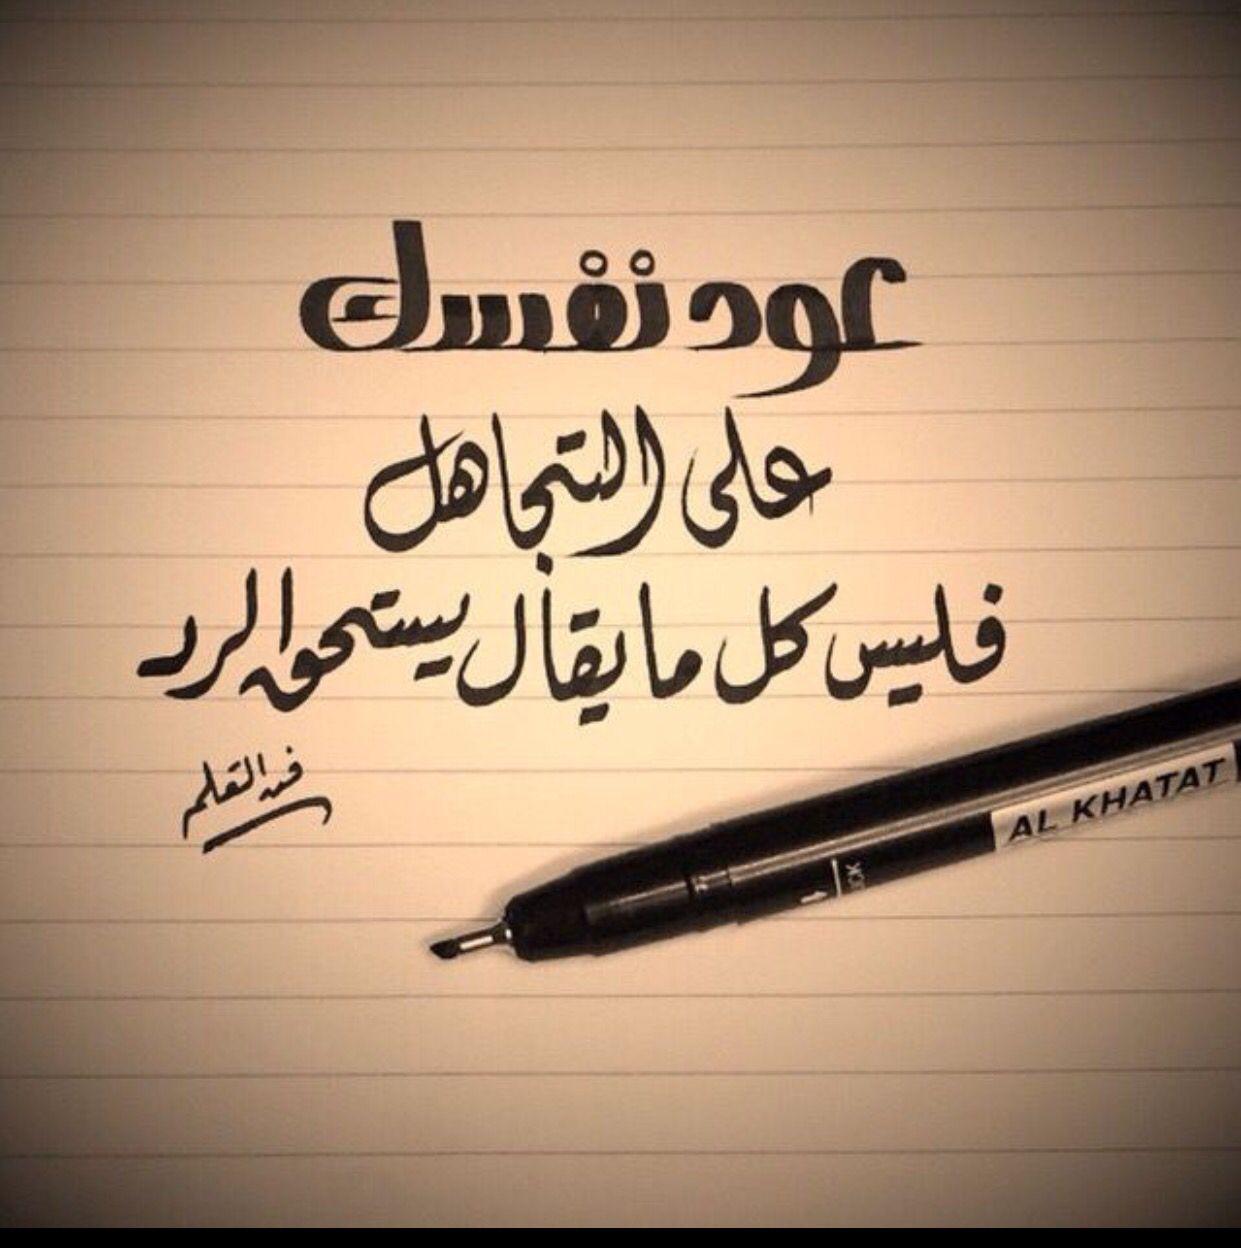 عود نفسك على التجاهل فليس كل مايقال يستحق الرد Islam Facts Special Words Hd Nature Wallpapers